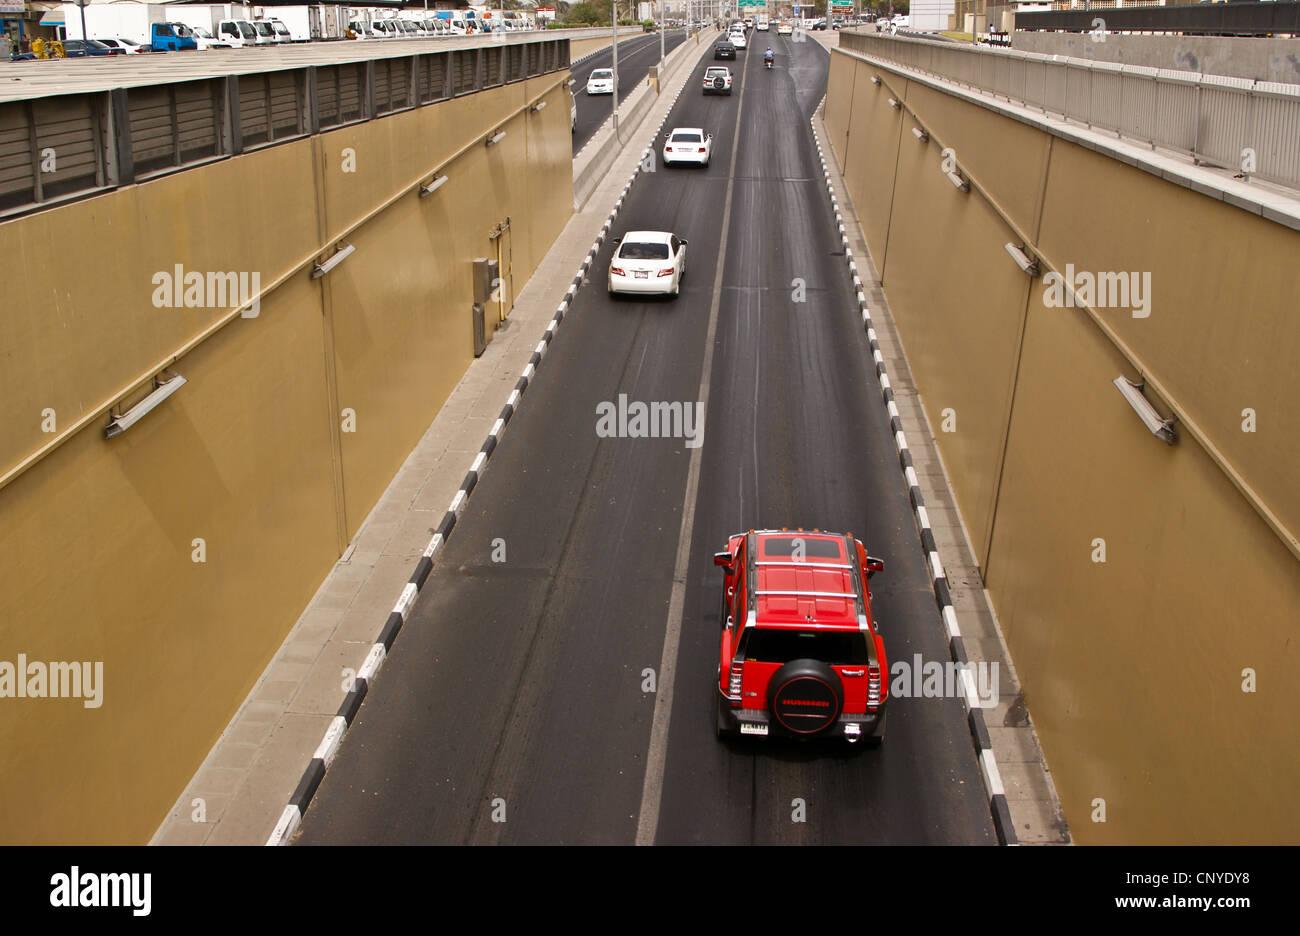 a-red-suv-on-al-shindagha-road-tunnel-under-dubai-creek-united-arab-CNYDY8.jpg